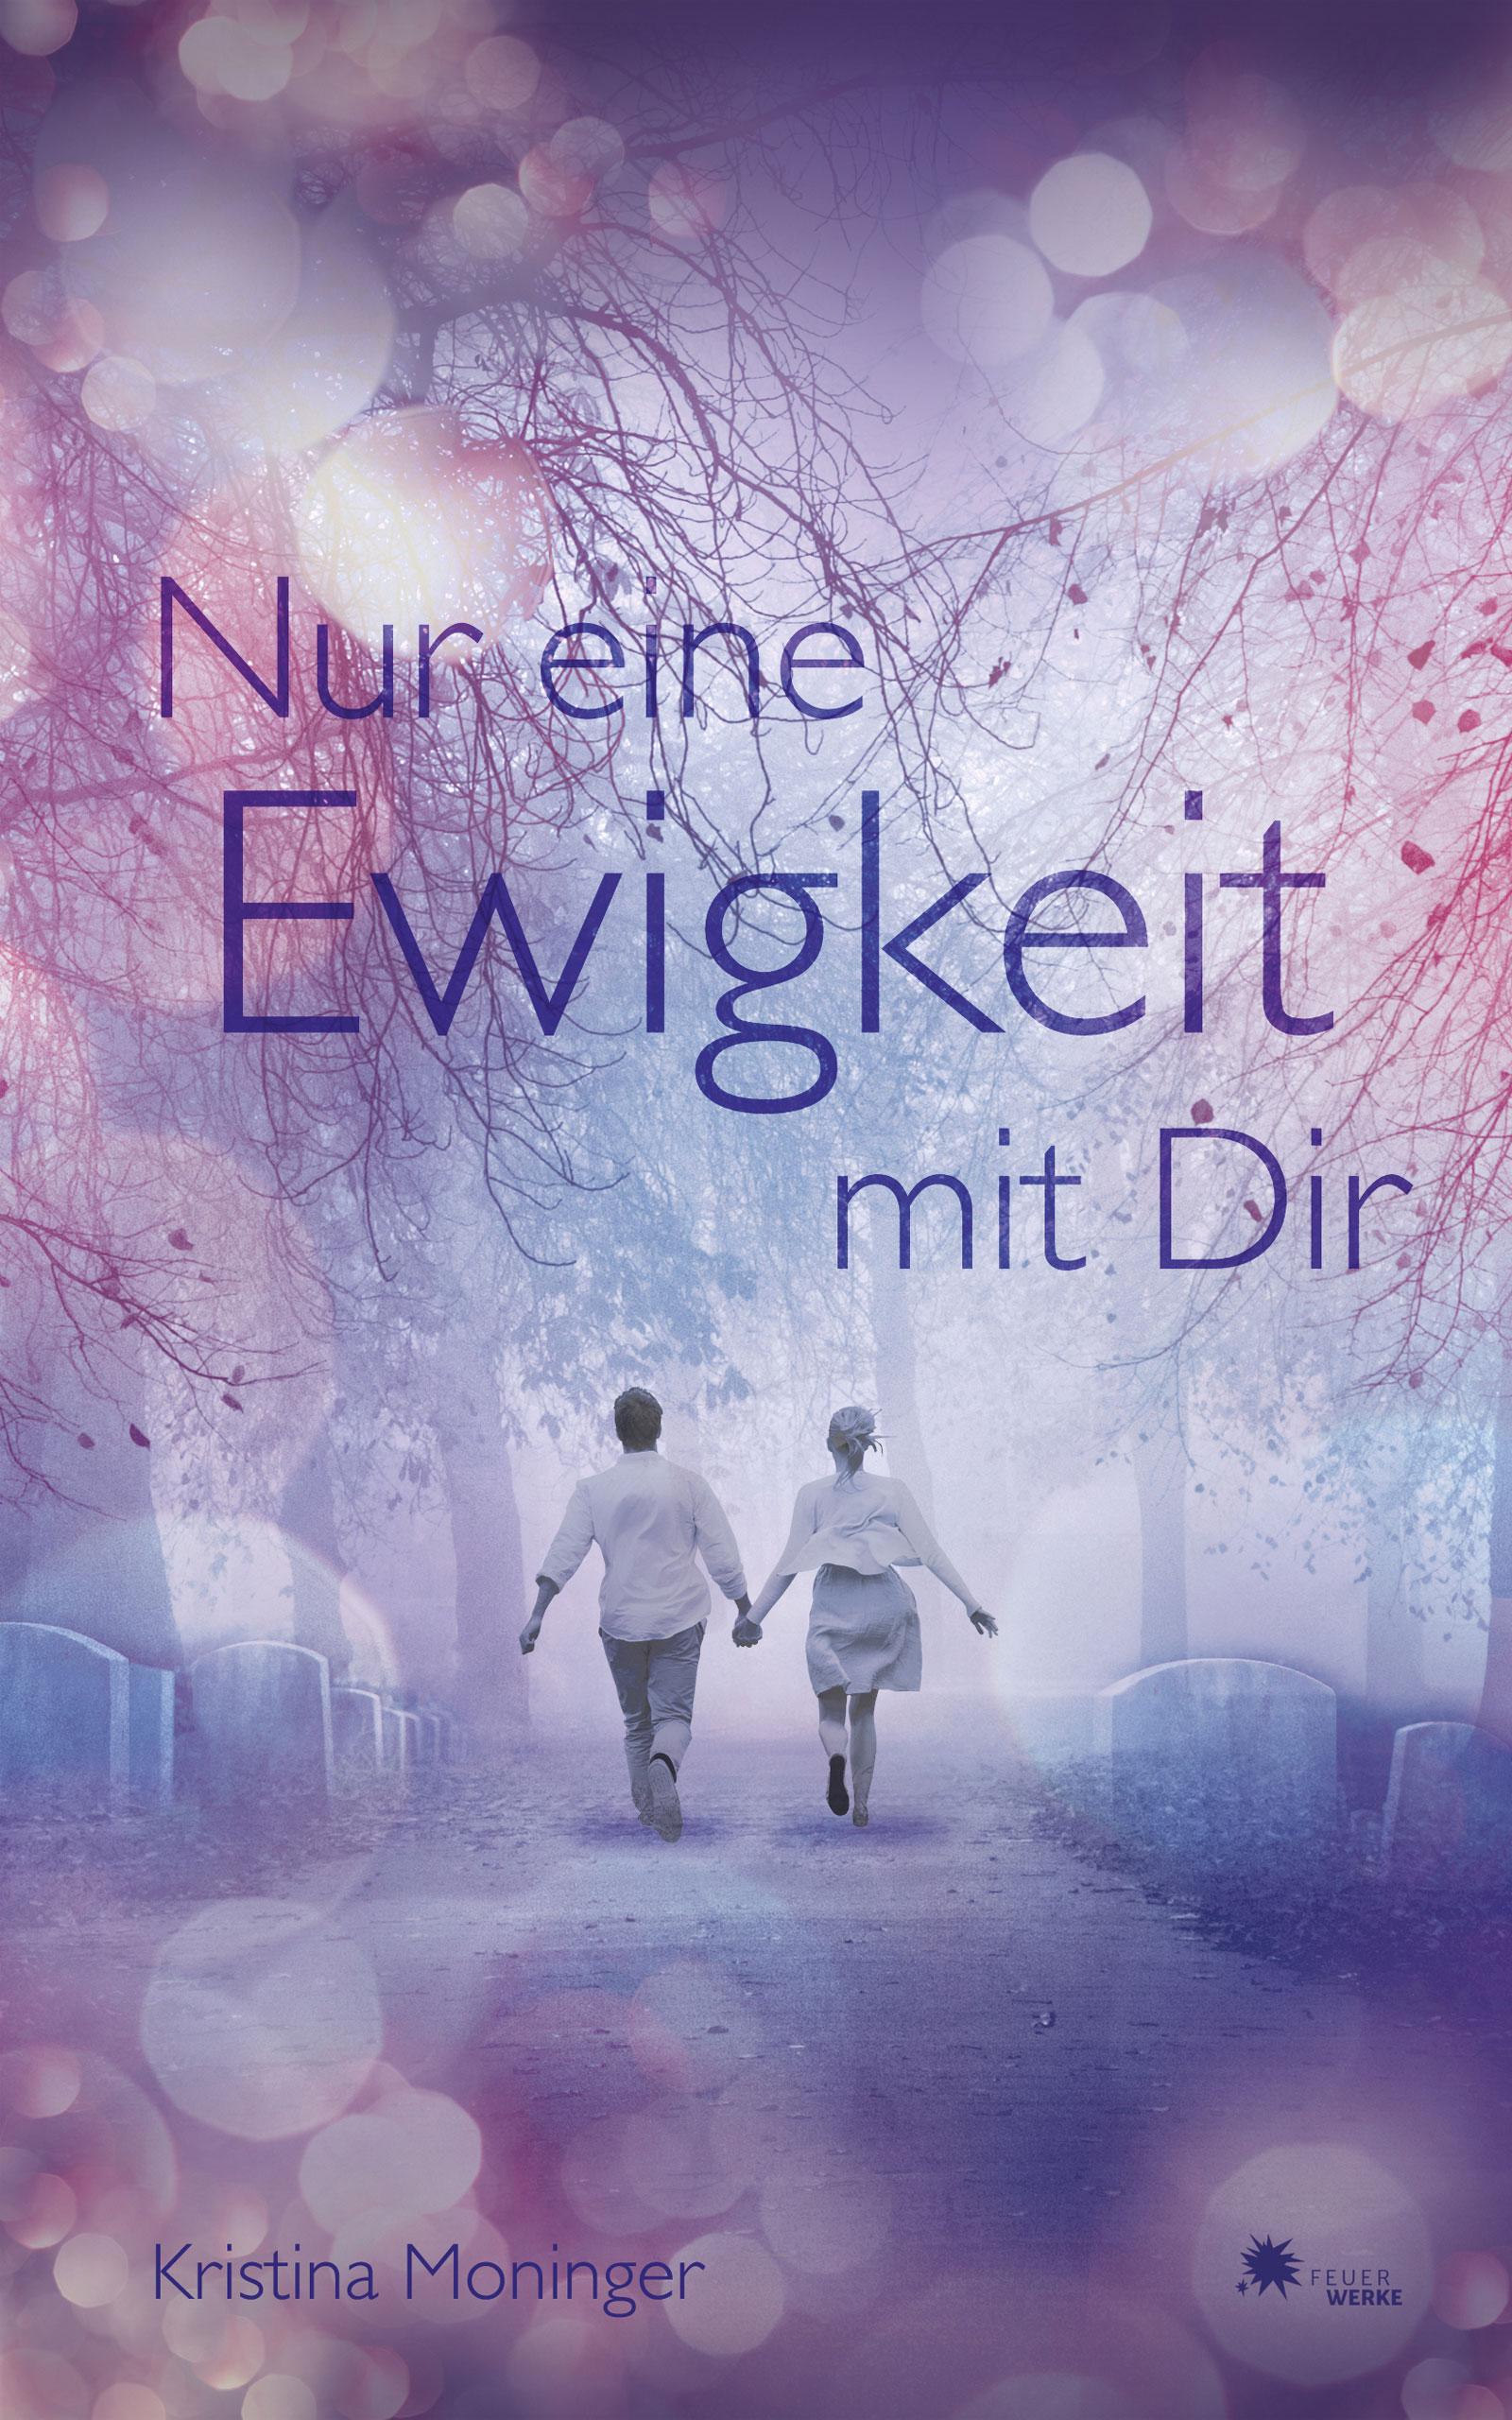 http://www.feuerwerkeverlag.de/wp-content/uploads/2016/06/cover-ebook-1.jpg